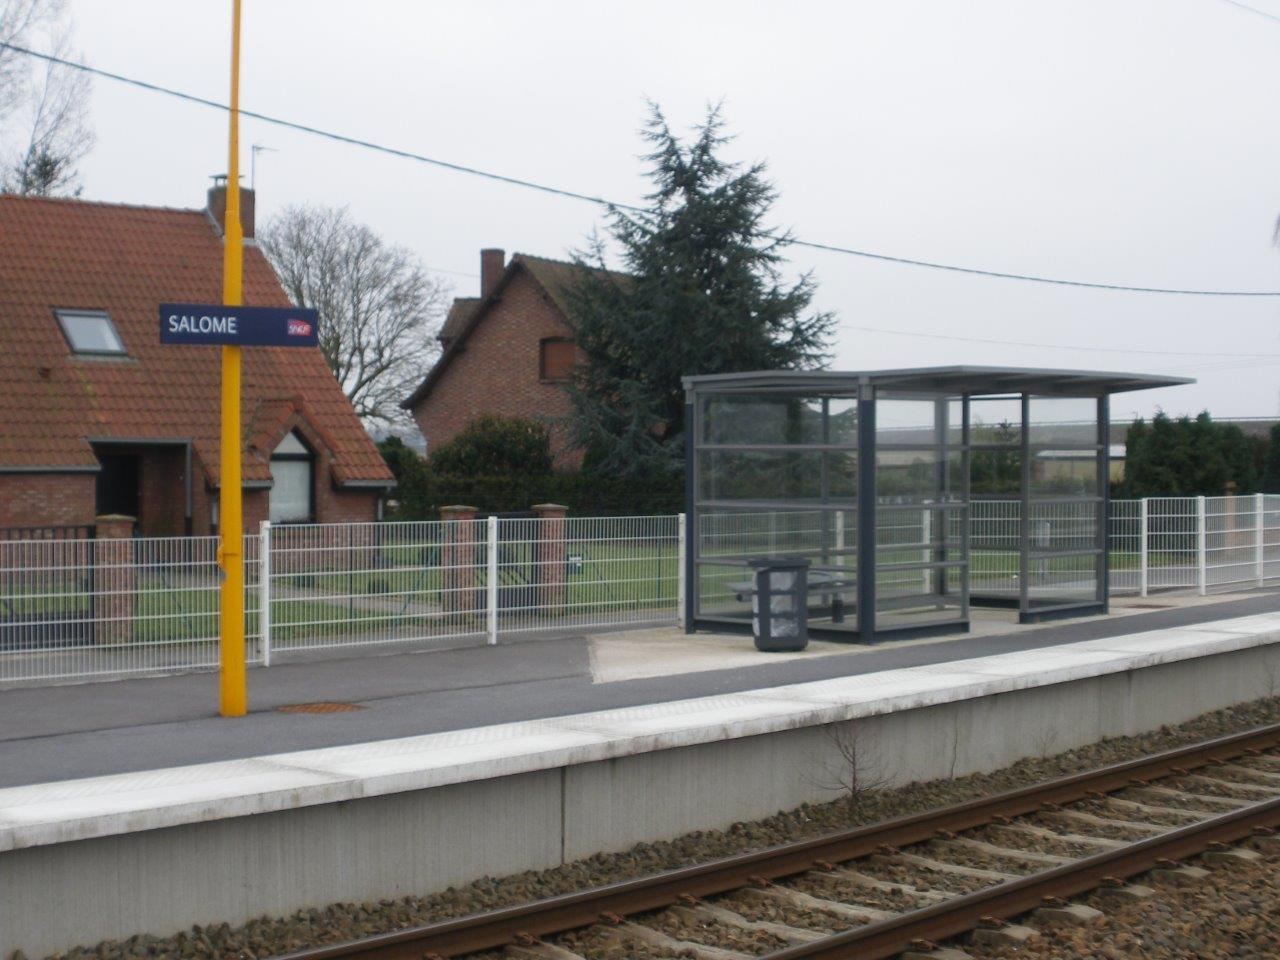 gare-de-salome-train-station